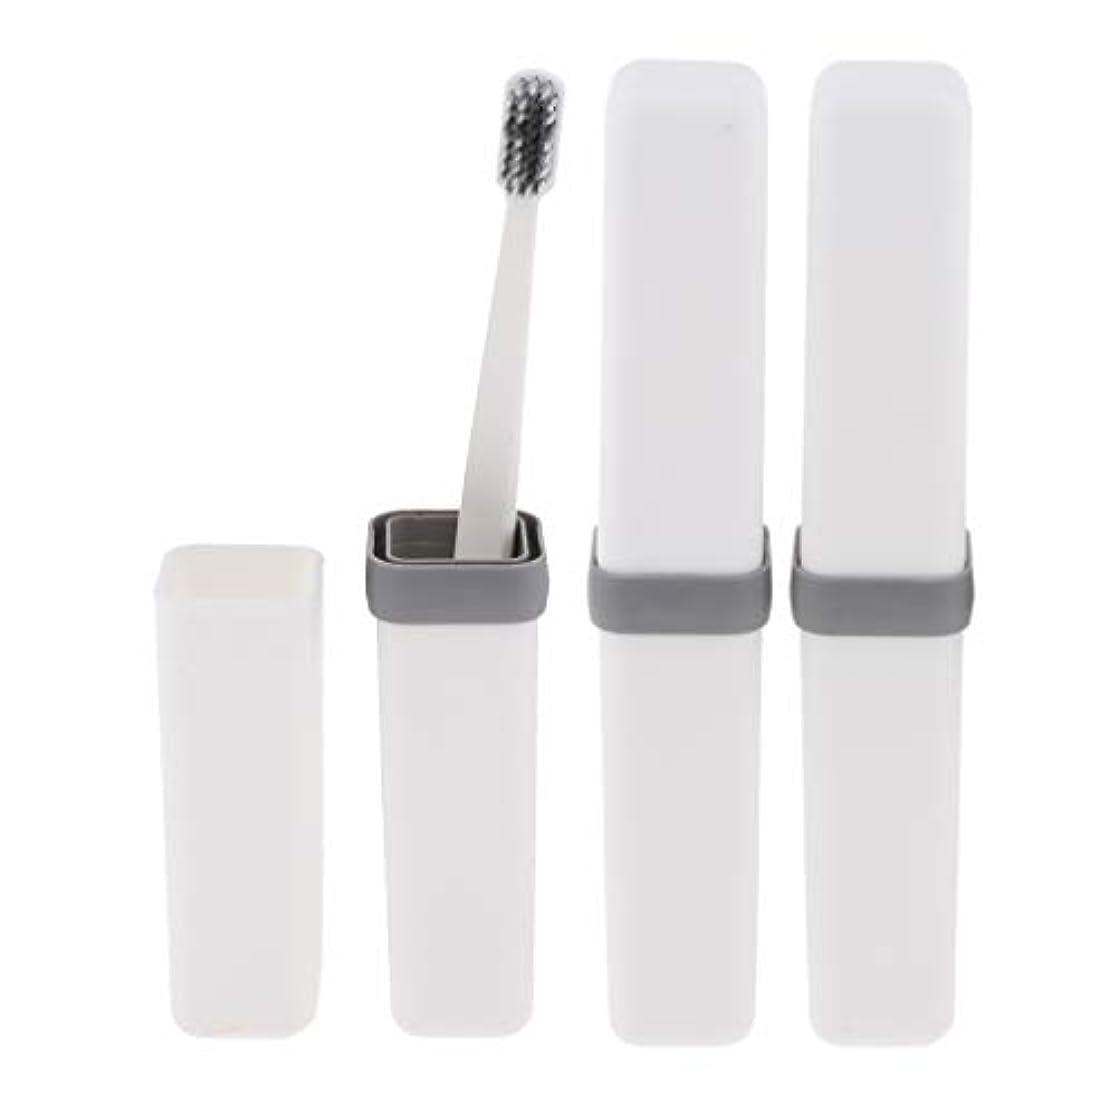 関連する作動する規範歯ブラシ 歯磨き 歯清潔 収納ボックス付 旅行 キャンプ 学校 軽量 携帯 実用的 3個 全4色 - 白